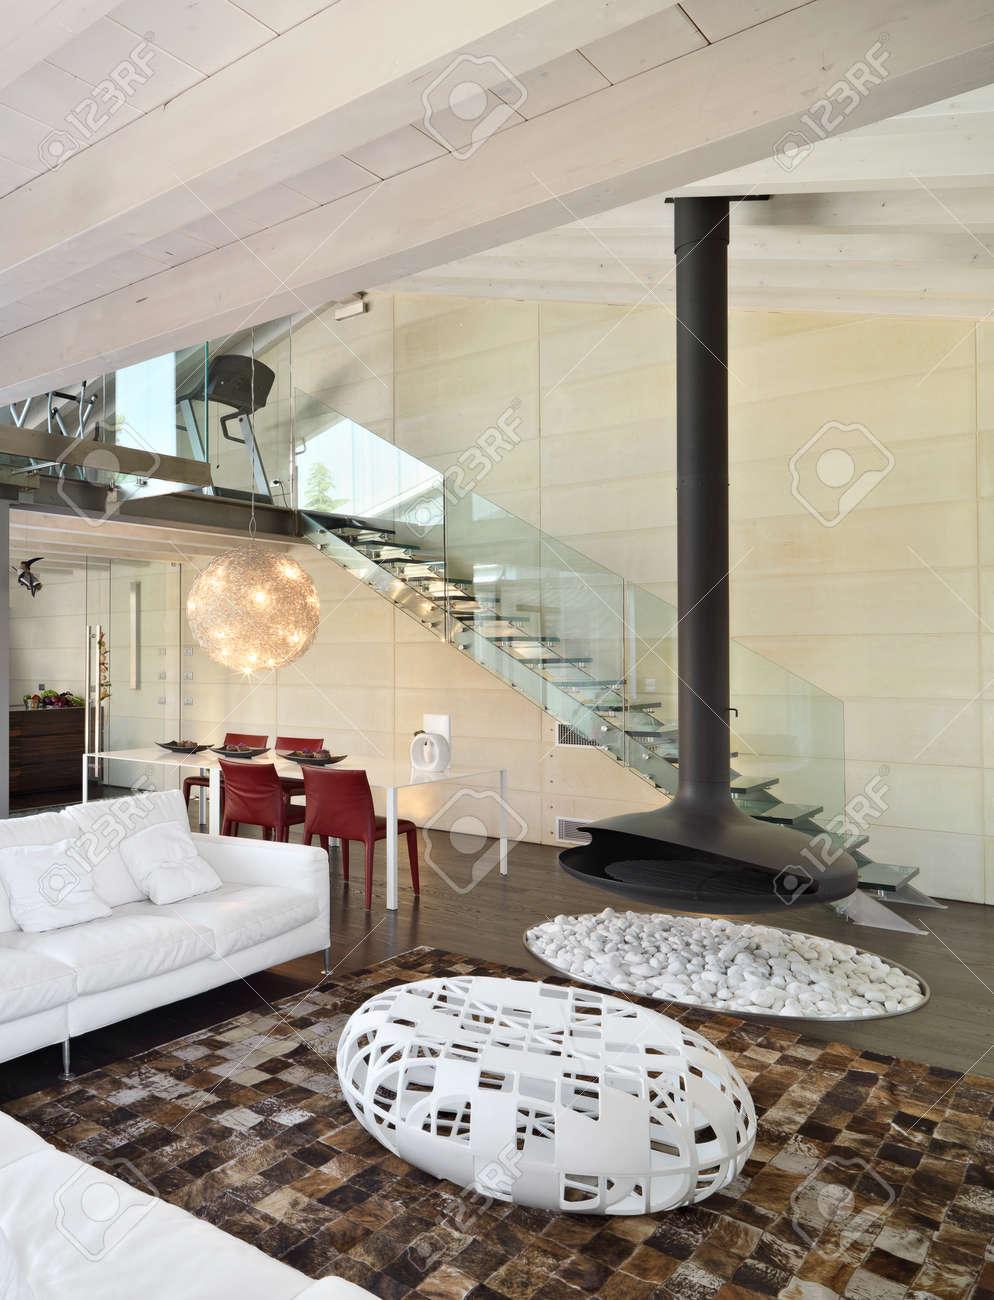 Moderne Wohnzimmer Im Dachgeschoss Mit Weißem Ledersofa Und Kamin Aus  Schwarzem Eisen Standard Bild